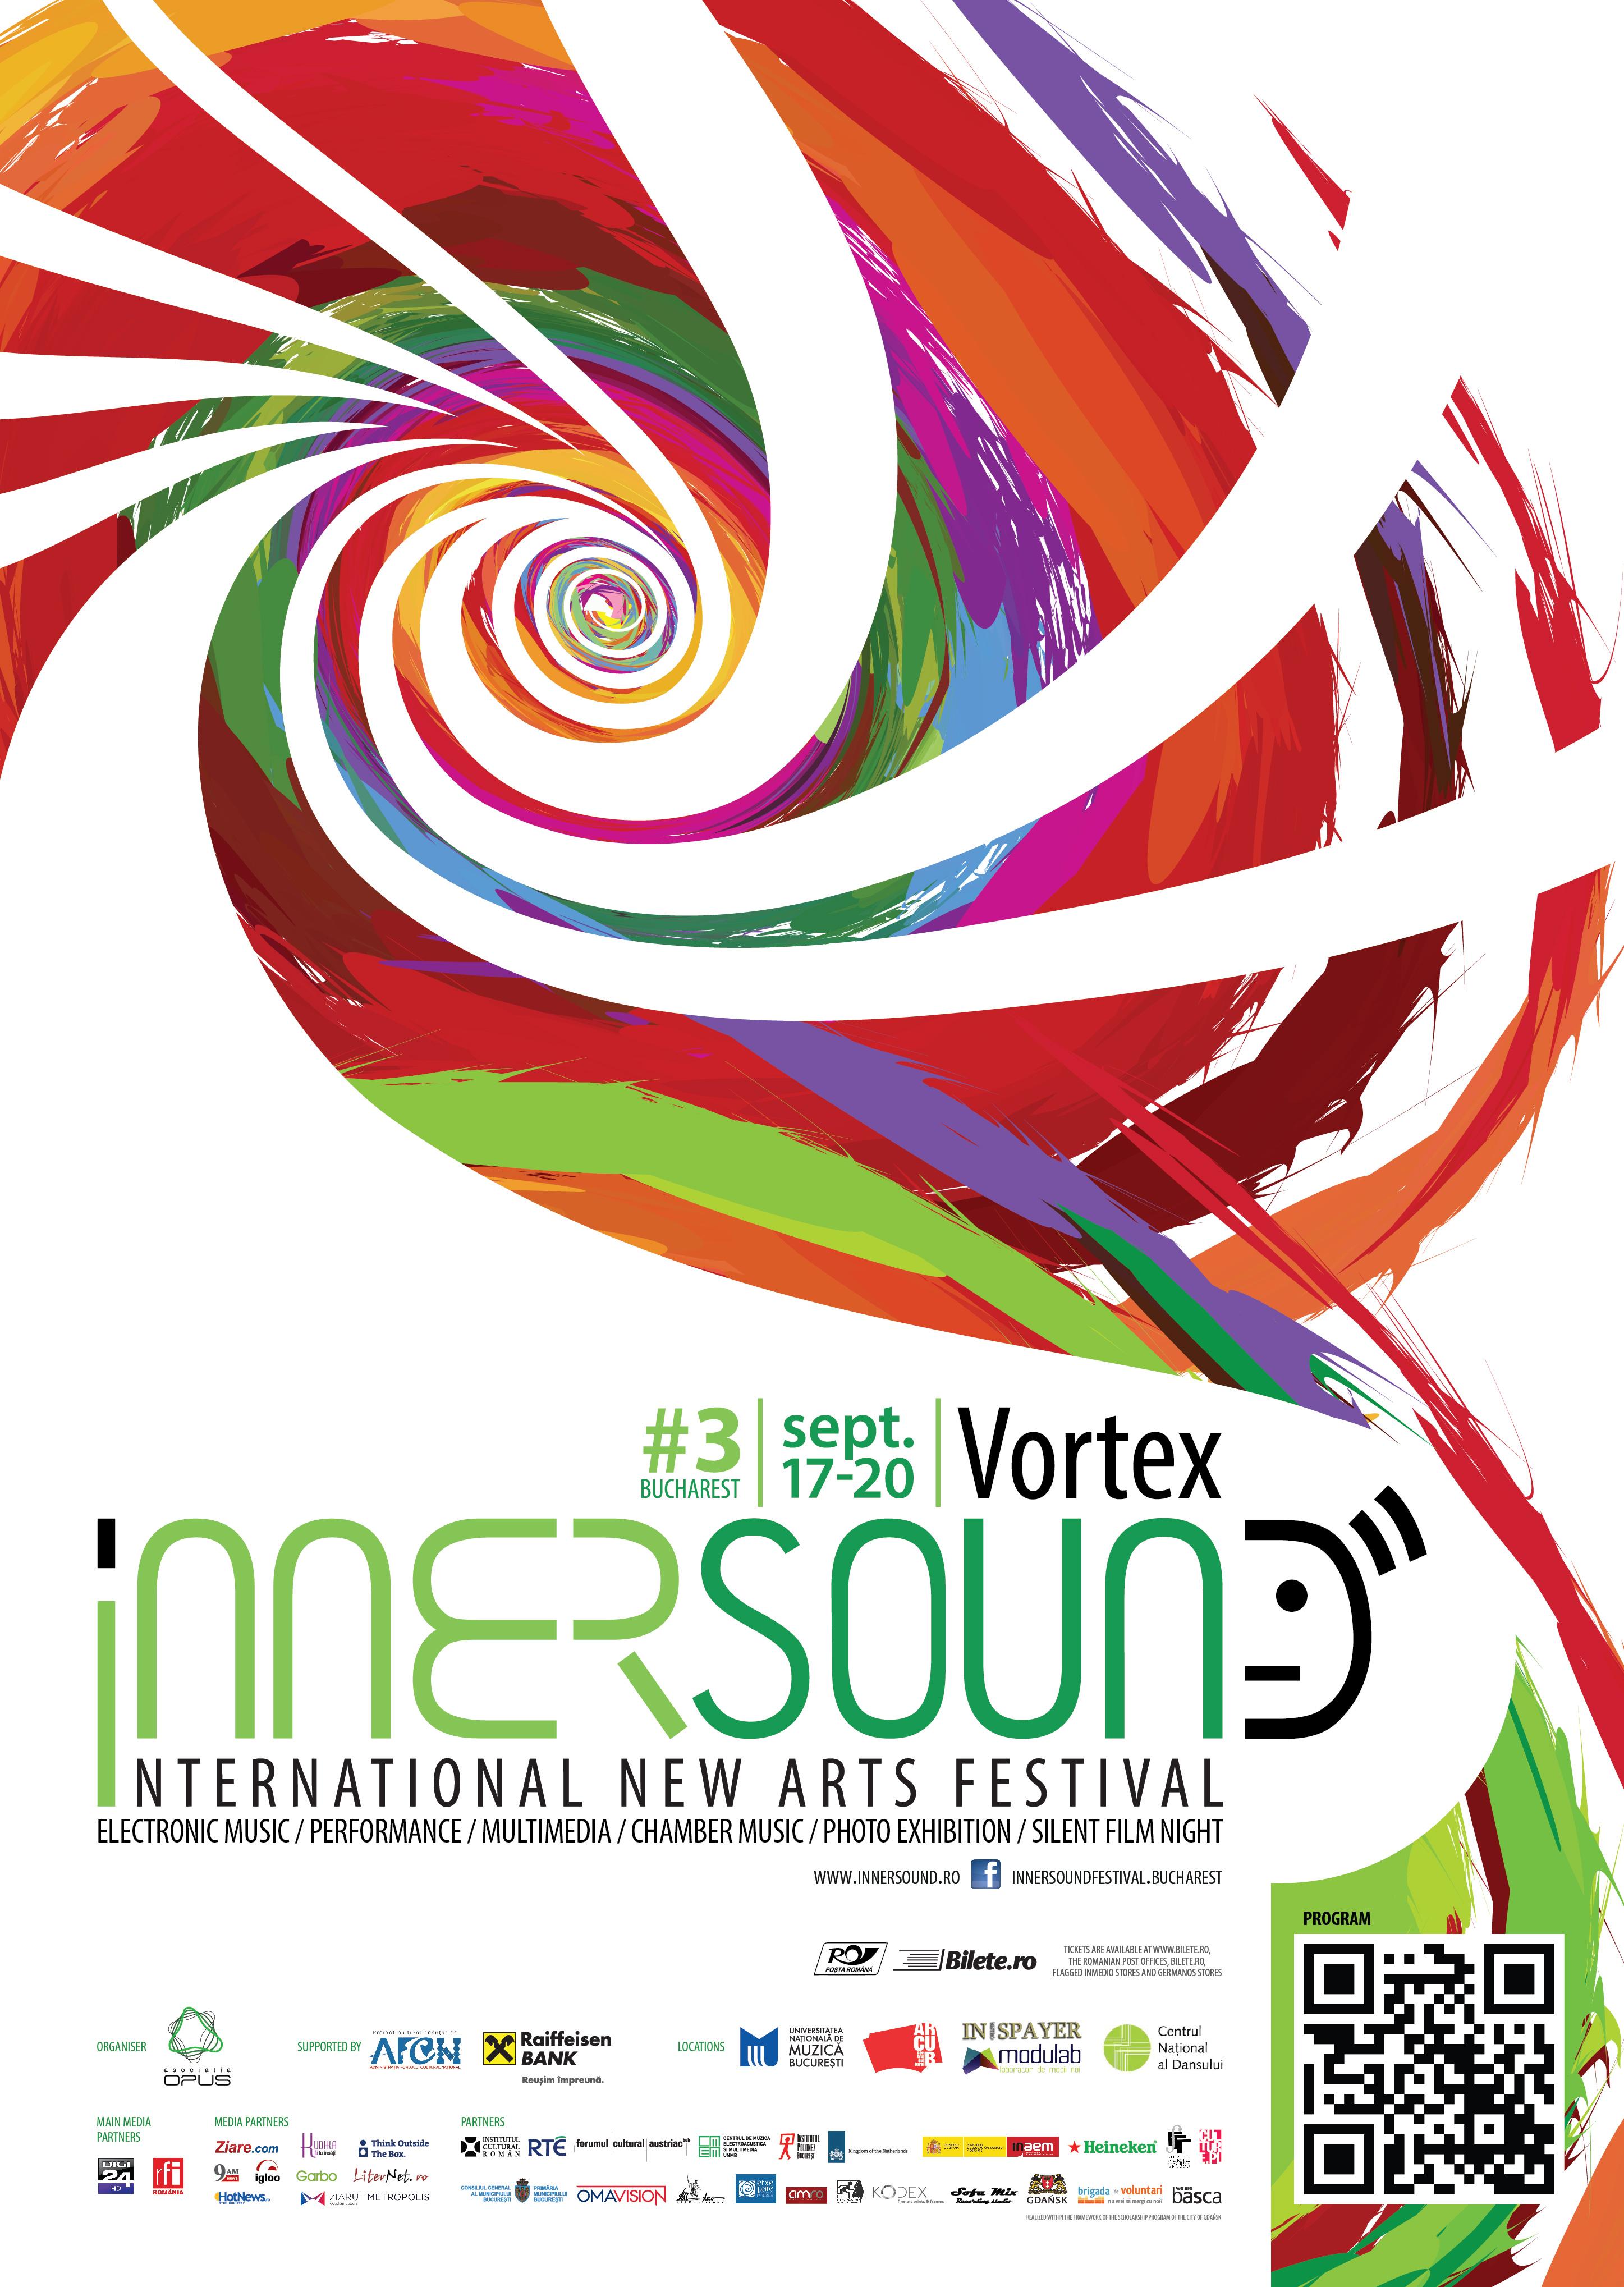 Festivalul Internaţional de Arte Noi InnerSound aduce la București peste 70 de artiști din 10 țări!